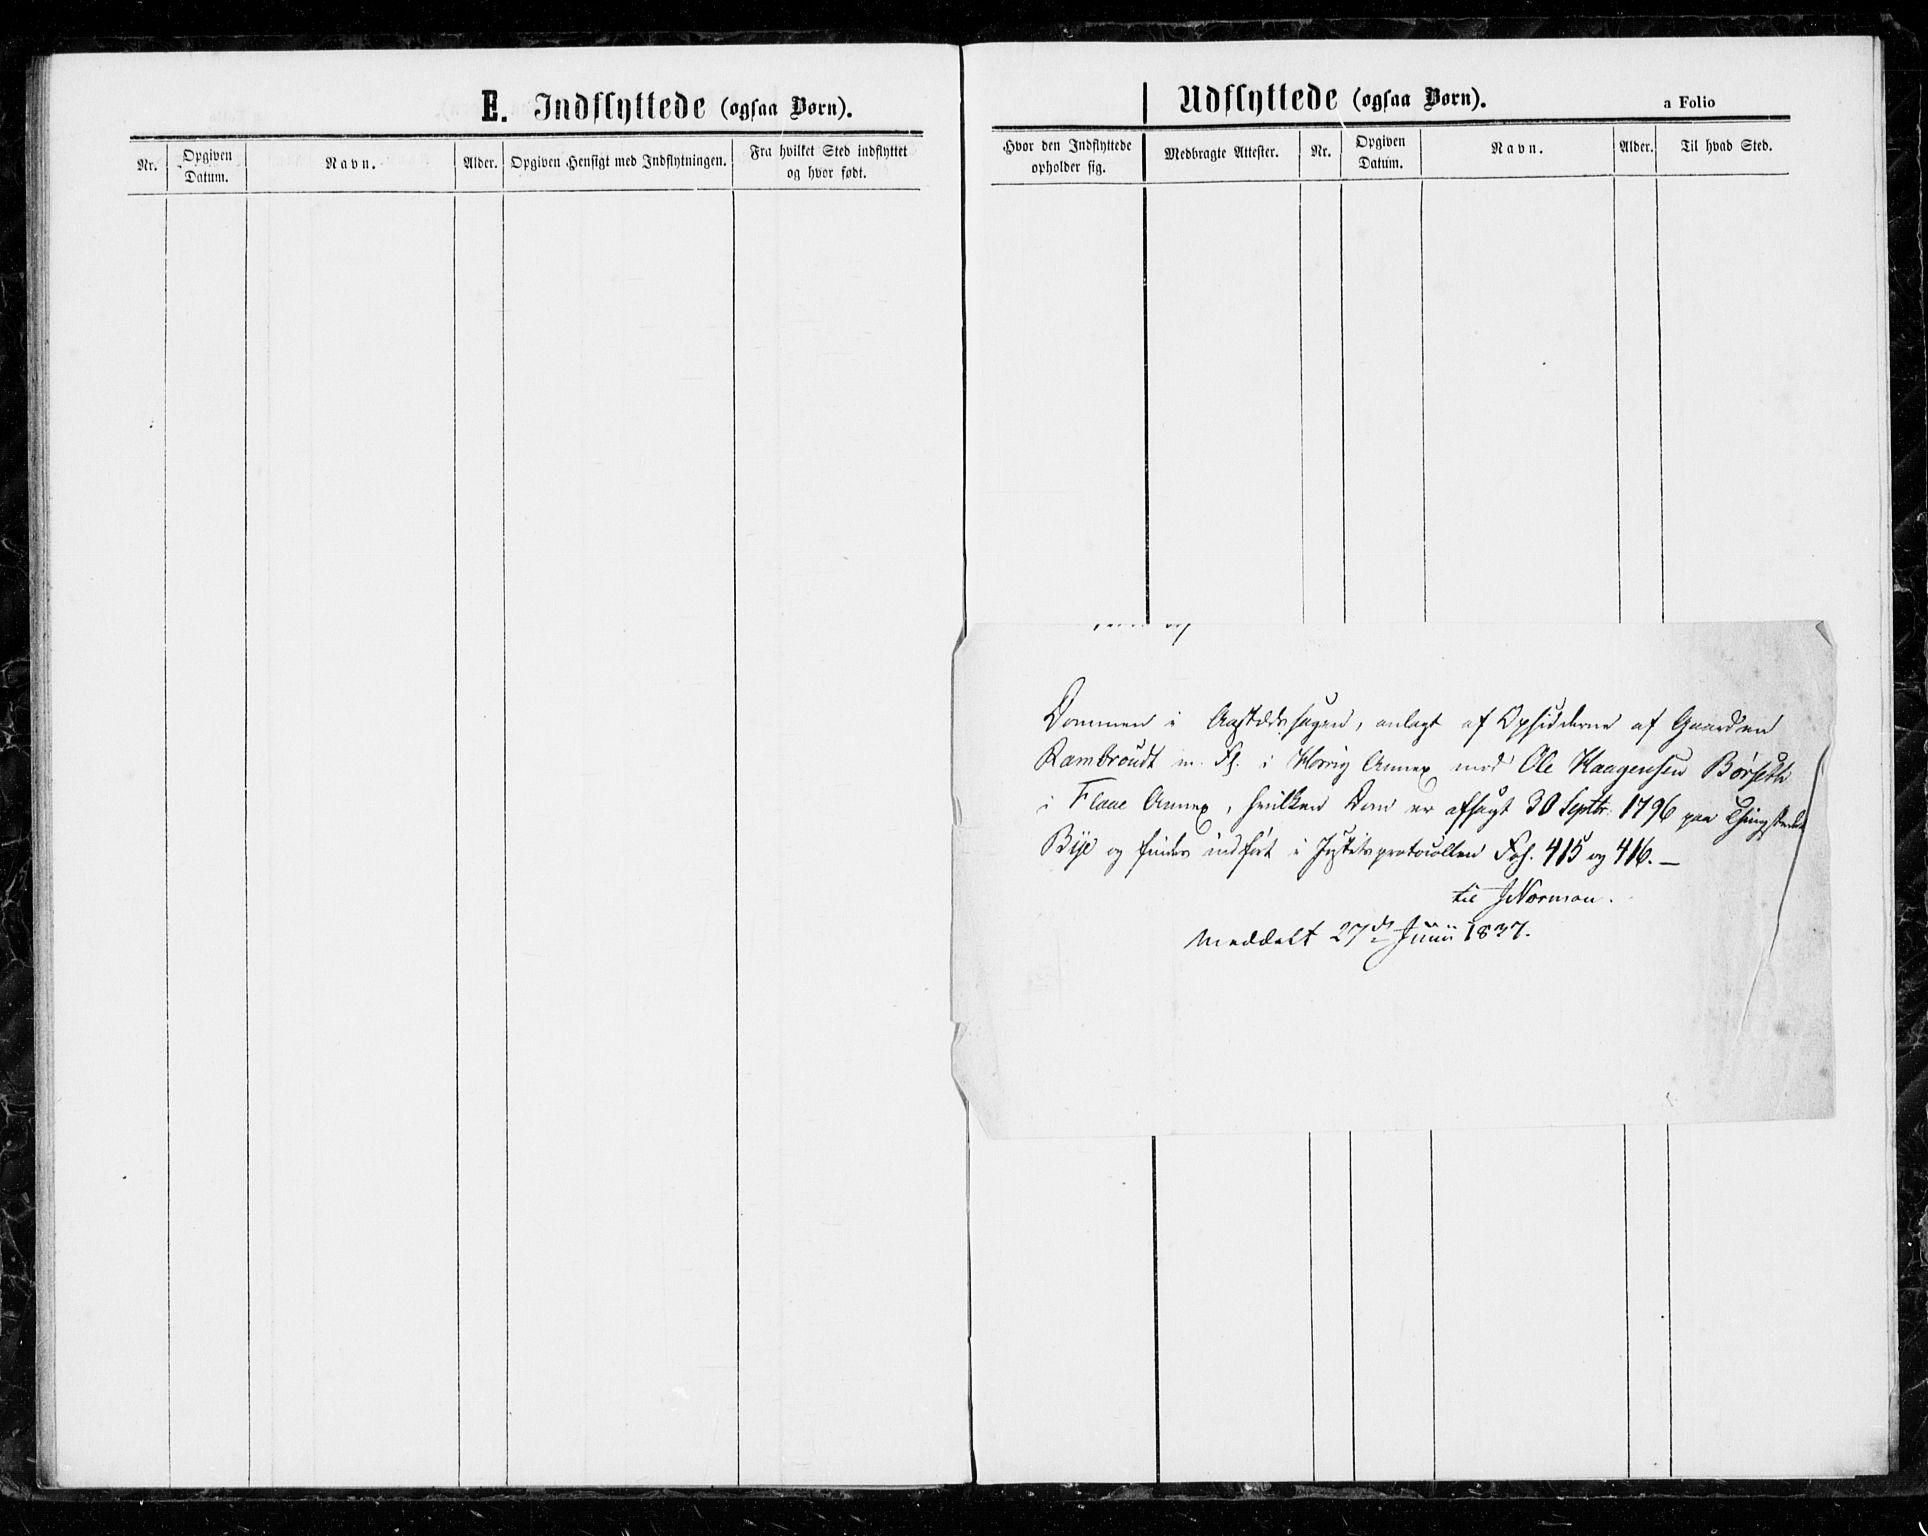 SAT, Ministerialprotokoller, klokkerbøker og fødselsregistre - Sør-Trøndelag, 602/L0116: Ministerialbok nr. 602A14, 1865-1879